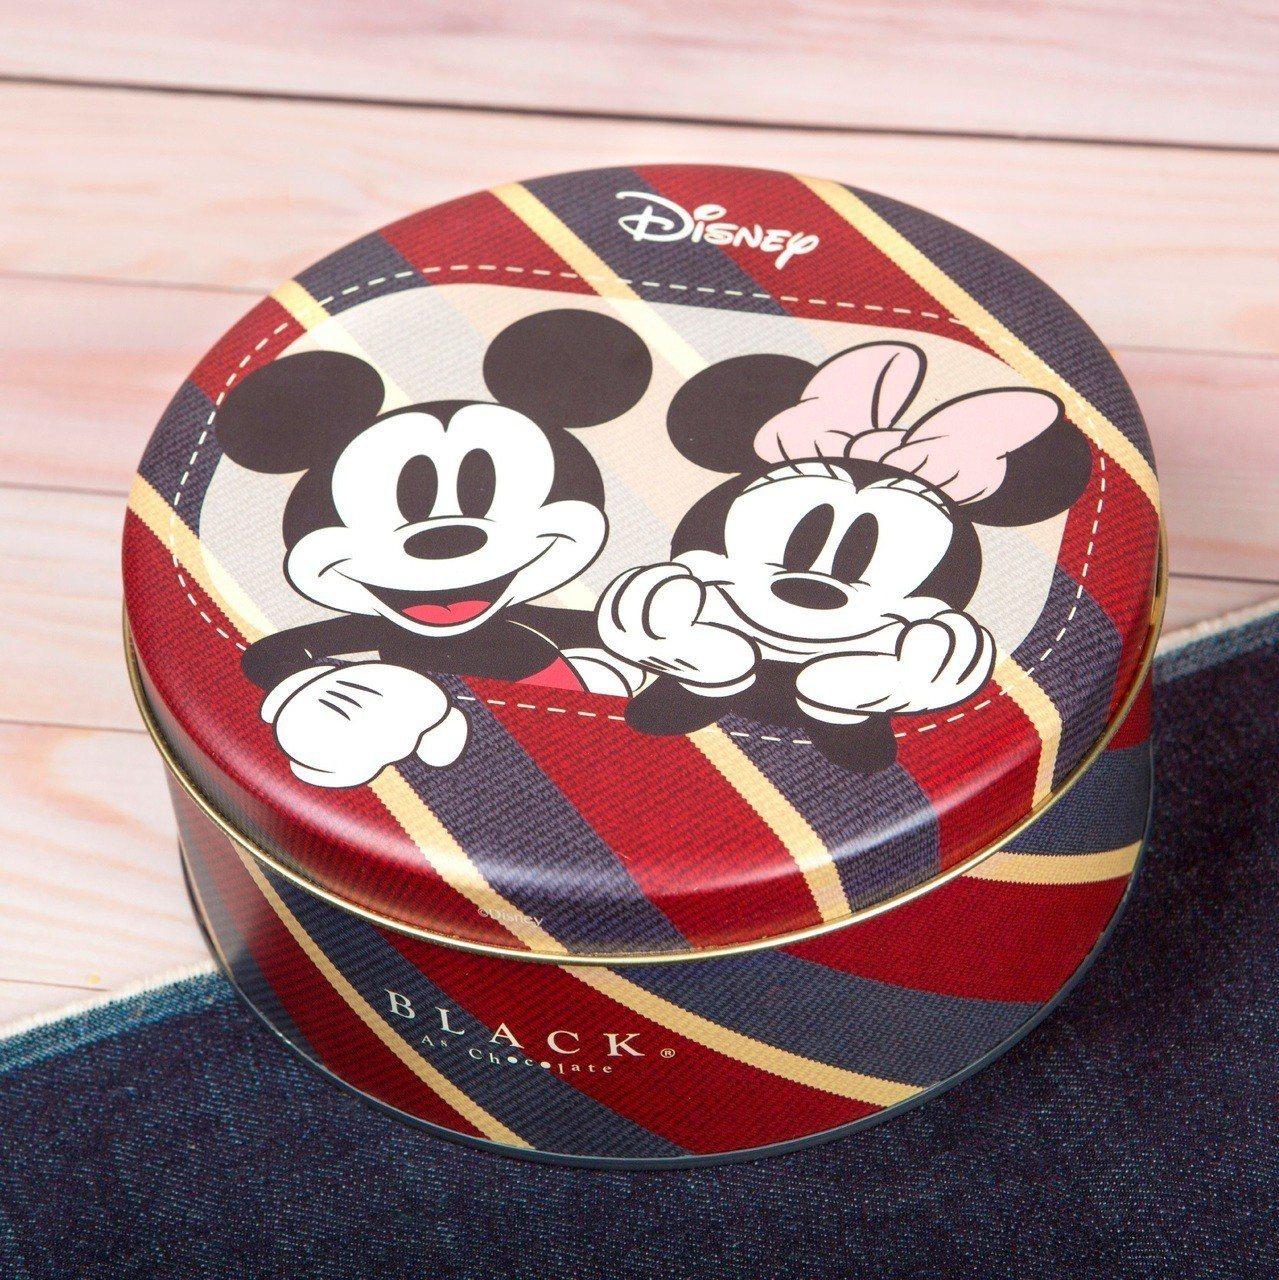 外包裝是印有米奇、米妮圖案的經典美式鐵盒。圖/BLACK As Chocolat...